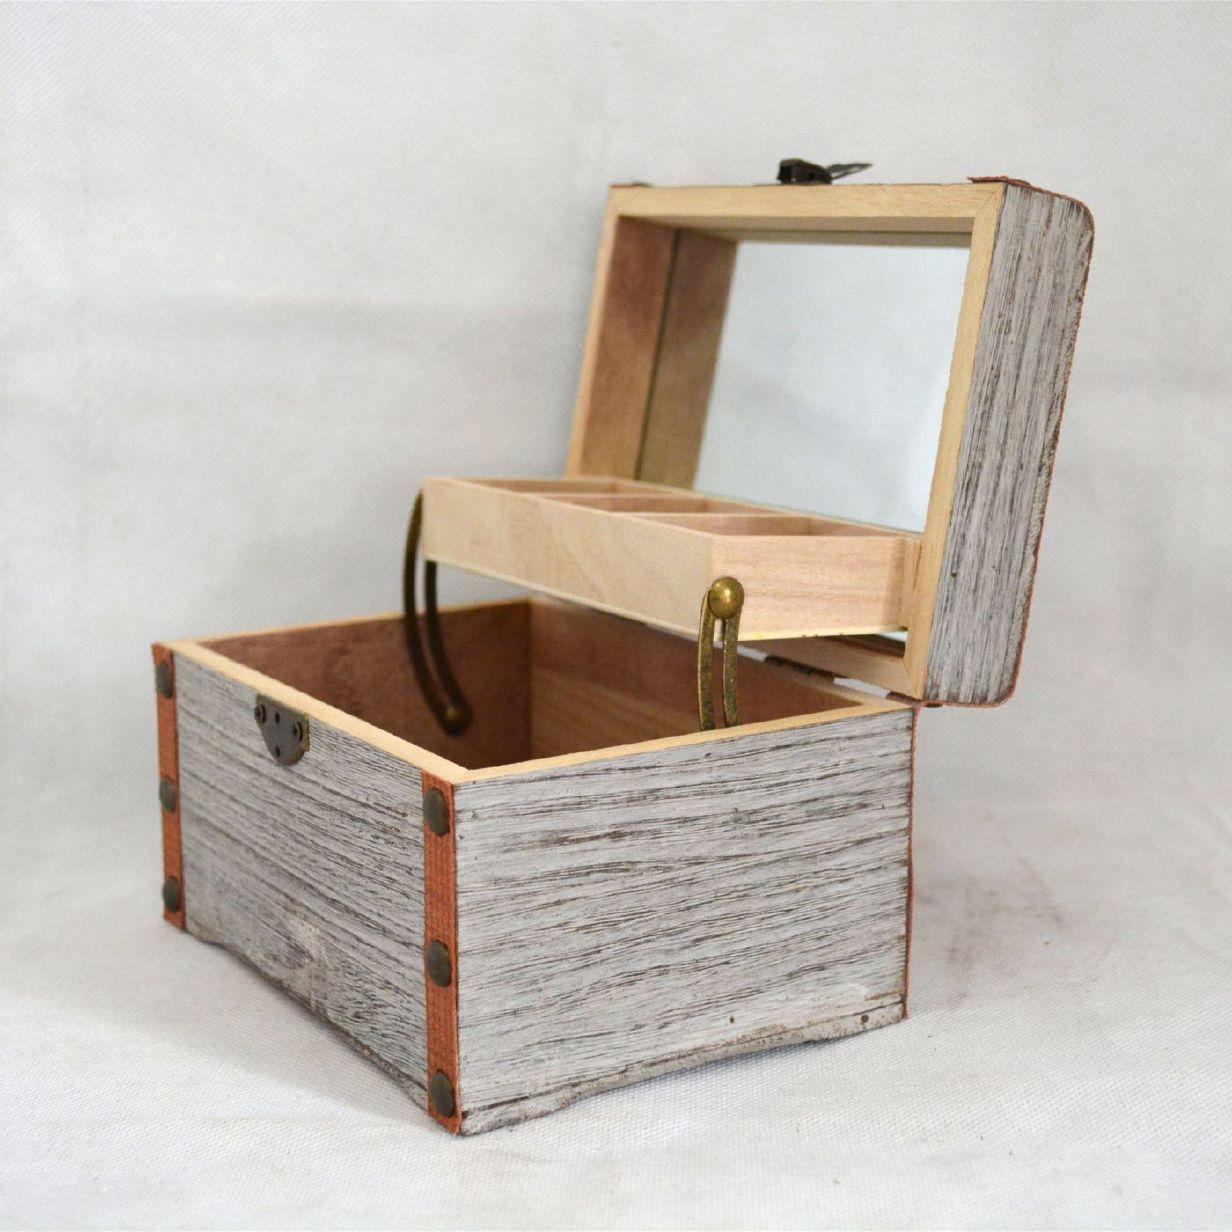 简约高档纯色木质首饰盒创意化妆品盒 珠宝首饰收纳盒